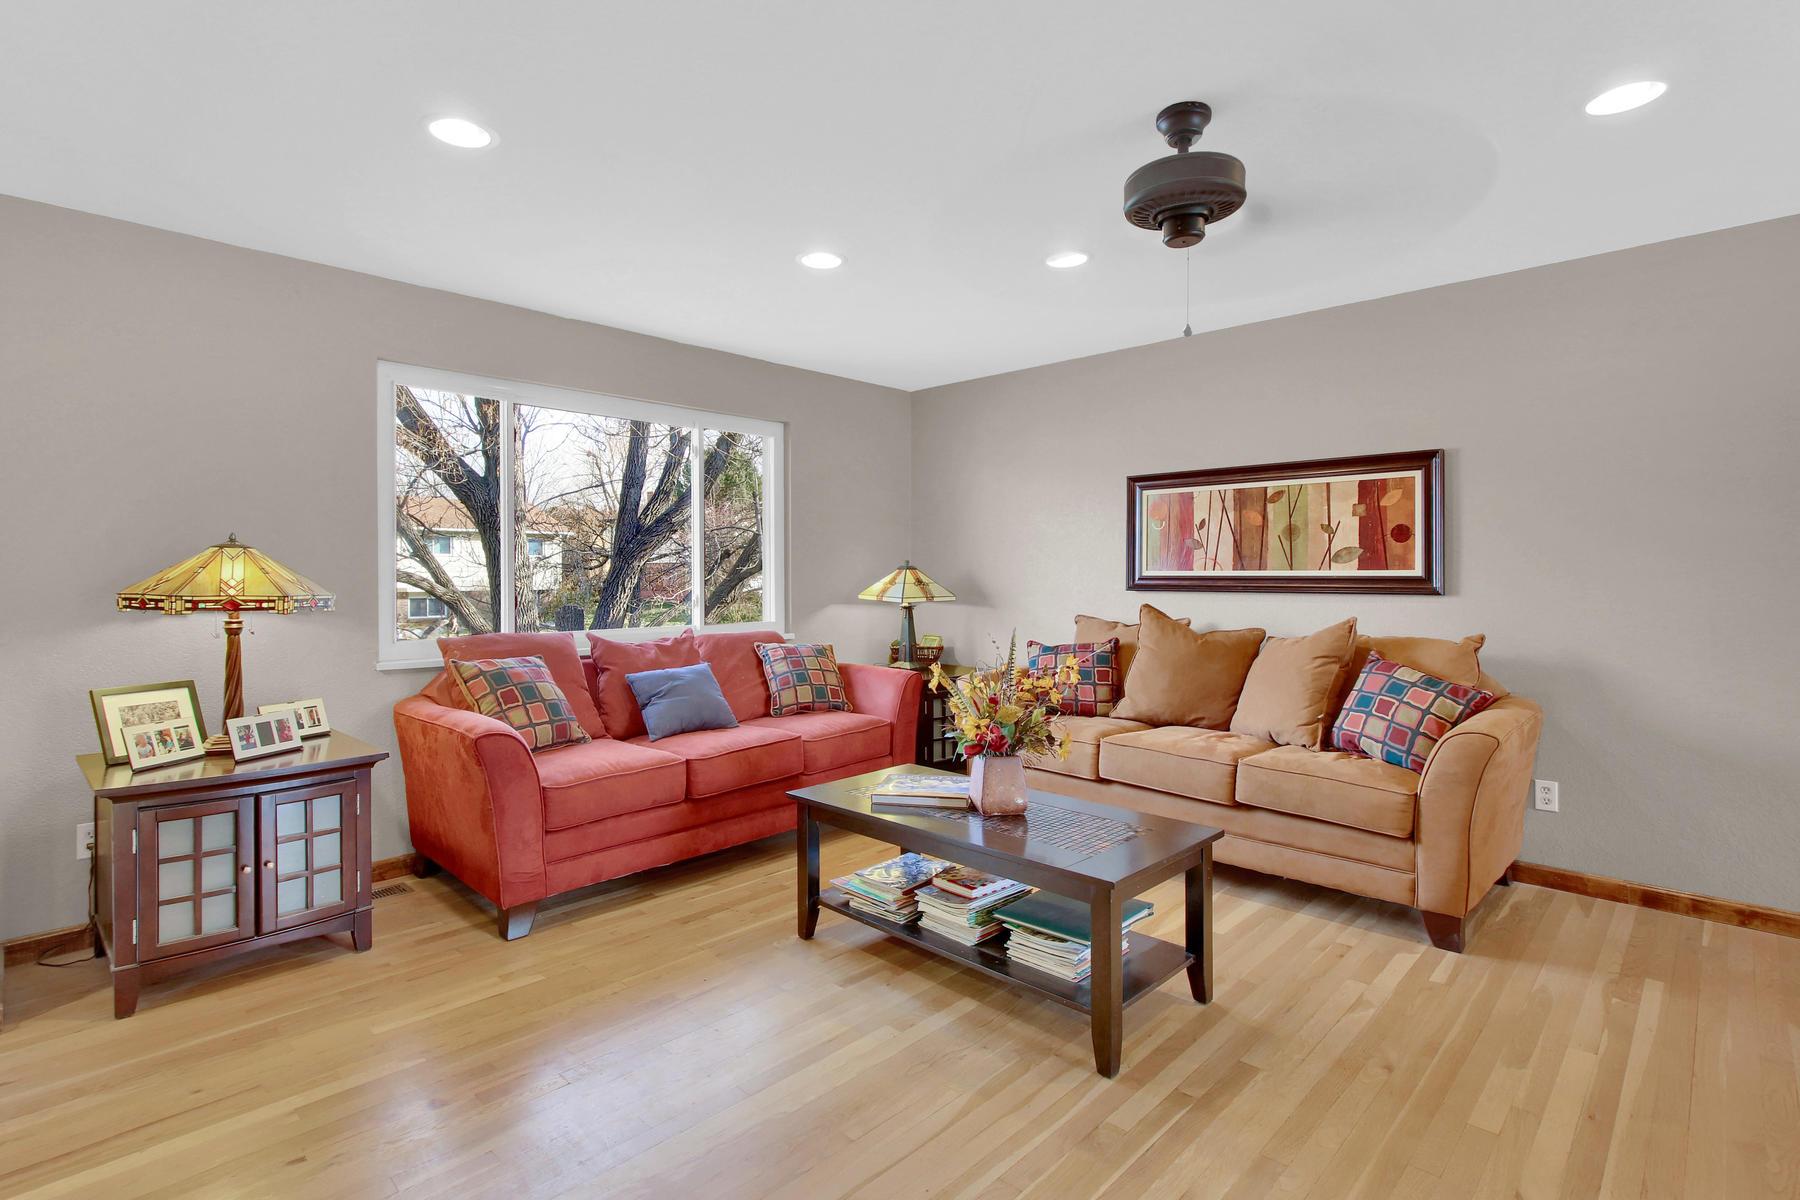 9375 Osceola St Westminster CO-003-9-Living Room-MLS_Size.jpg